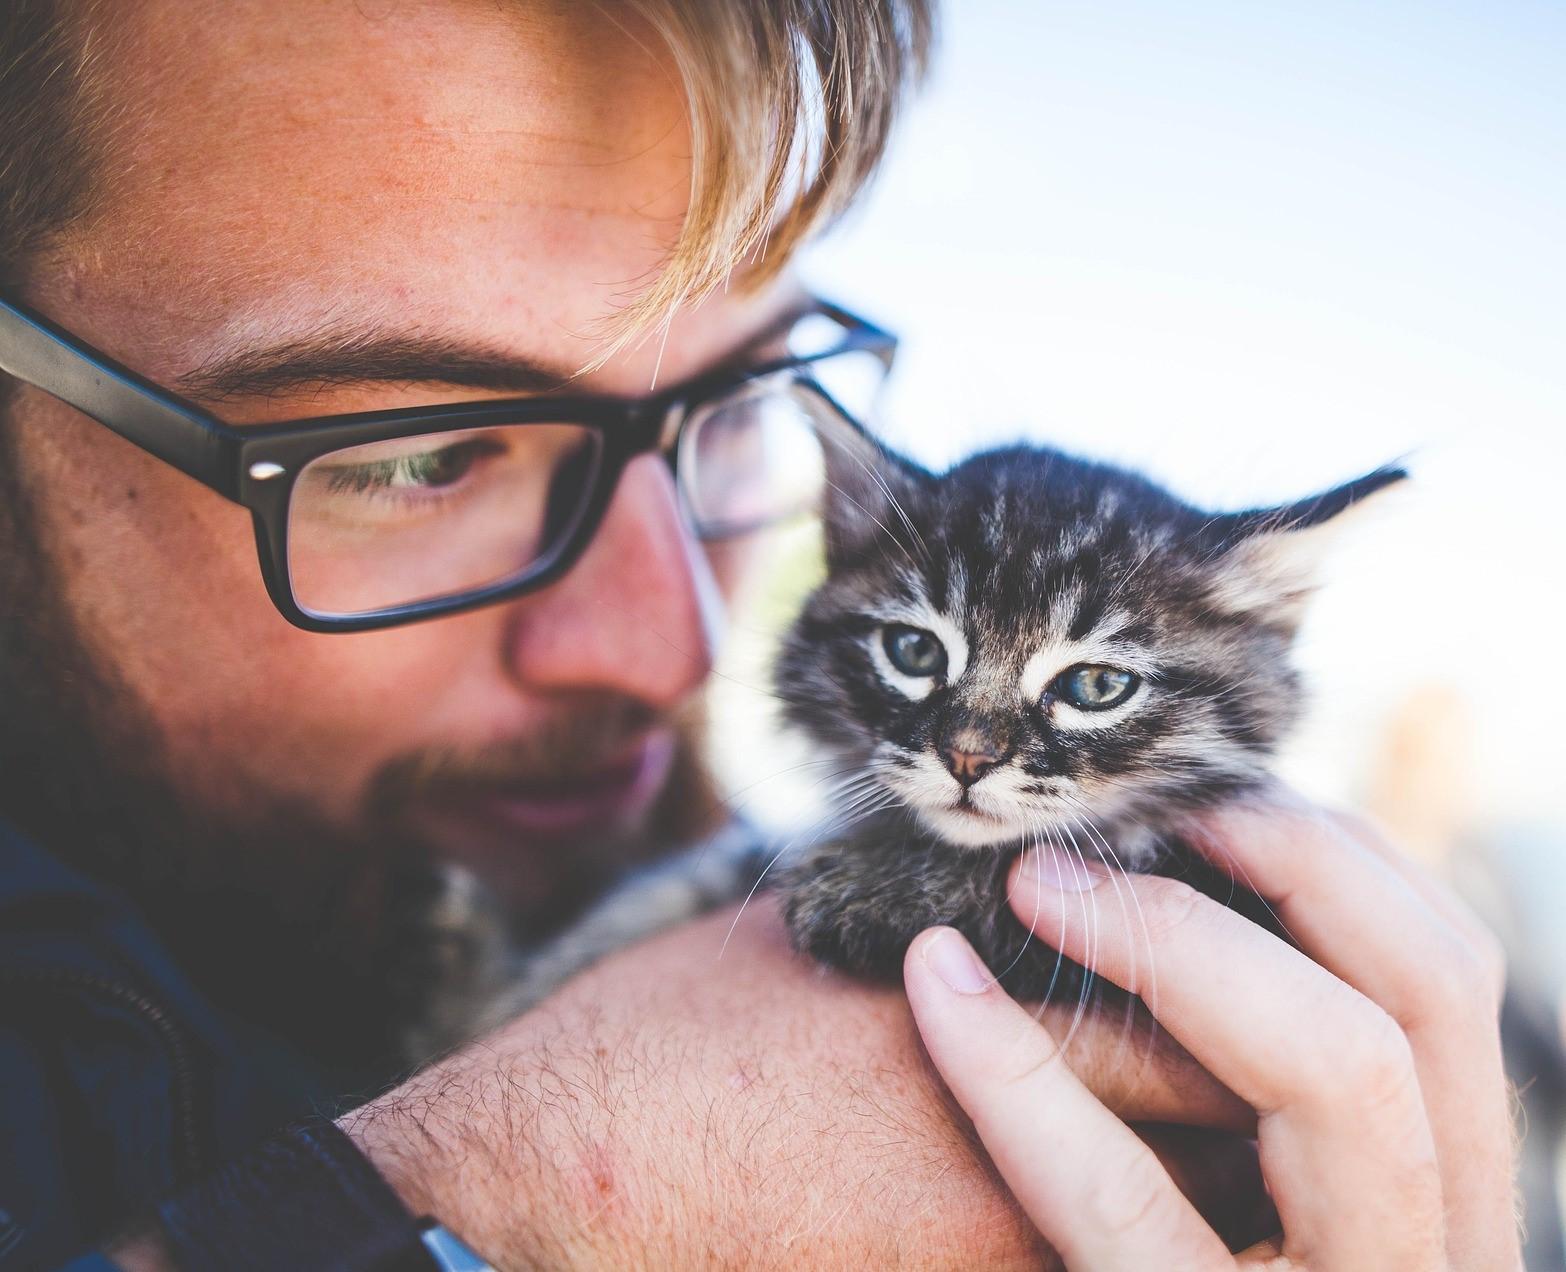 Petsitters Wanted: May 11, 2021 Petsitting Paid, Part-time & Permanent Job Postings